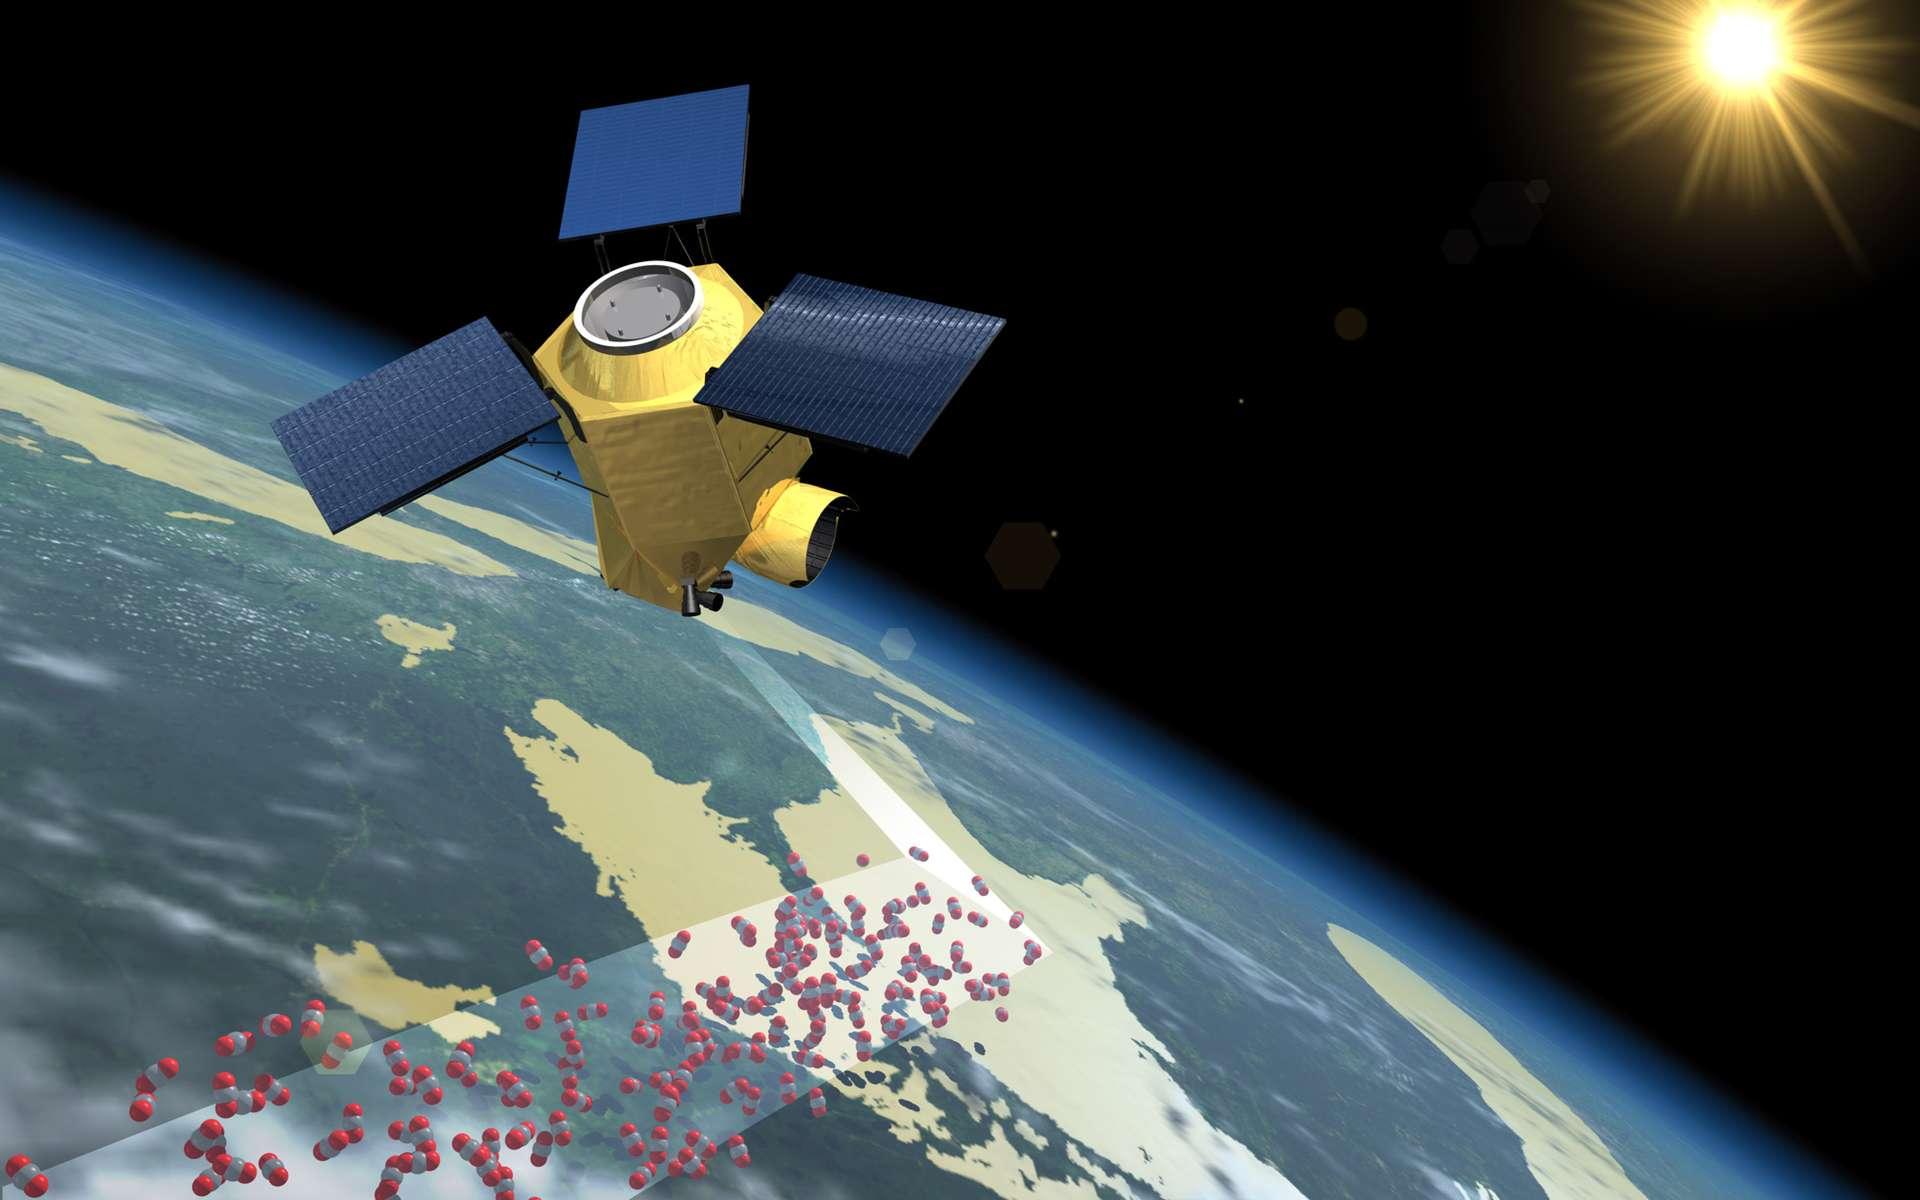 Si l'Esa retient le projet de satellite CarbonSat, dont l'étude a été confiée à Astrium, les scientifiques auront l'occasion de mieux quantifier les sources de CO2 et de méthane, humaines et géologiques. © Astrium